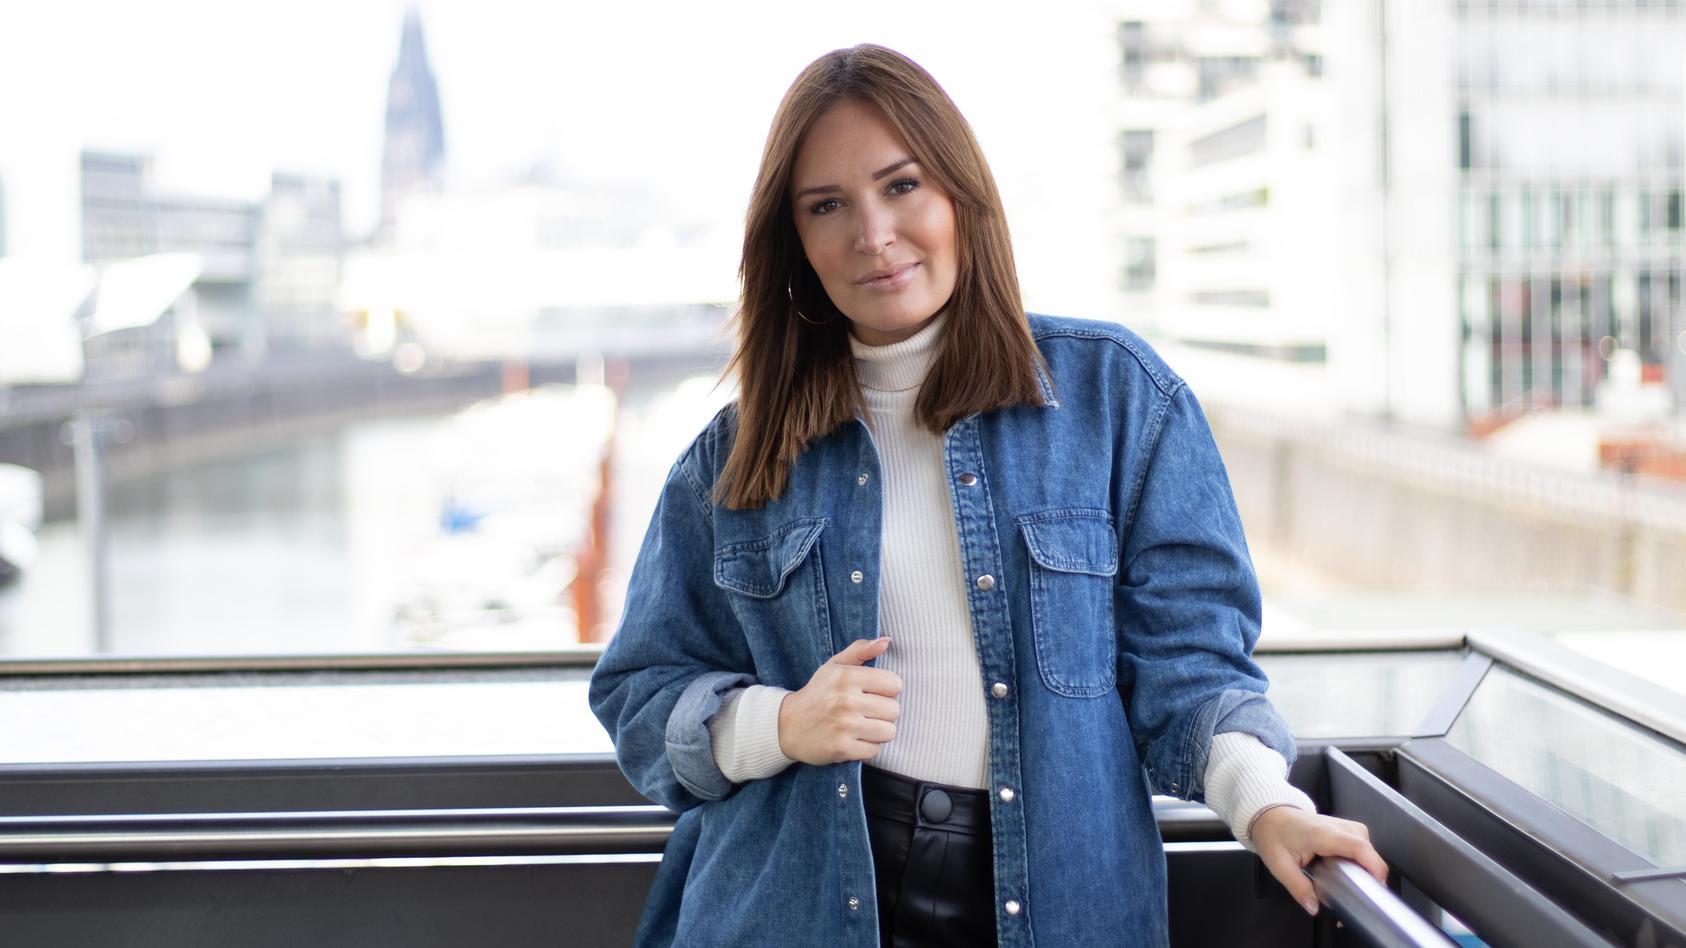 RTL-Reporterin Madeline Zilch war Corona-Erstkontakt und musste in Quarantäne.